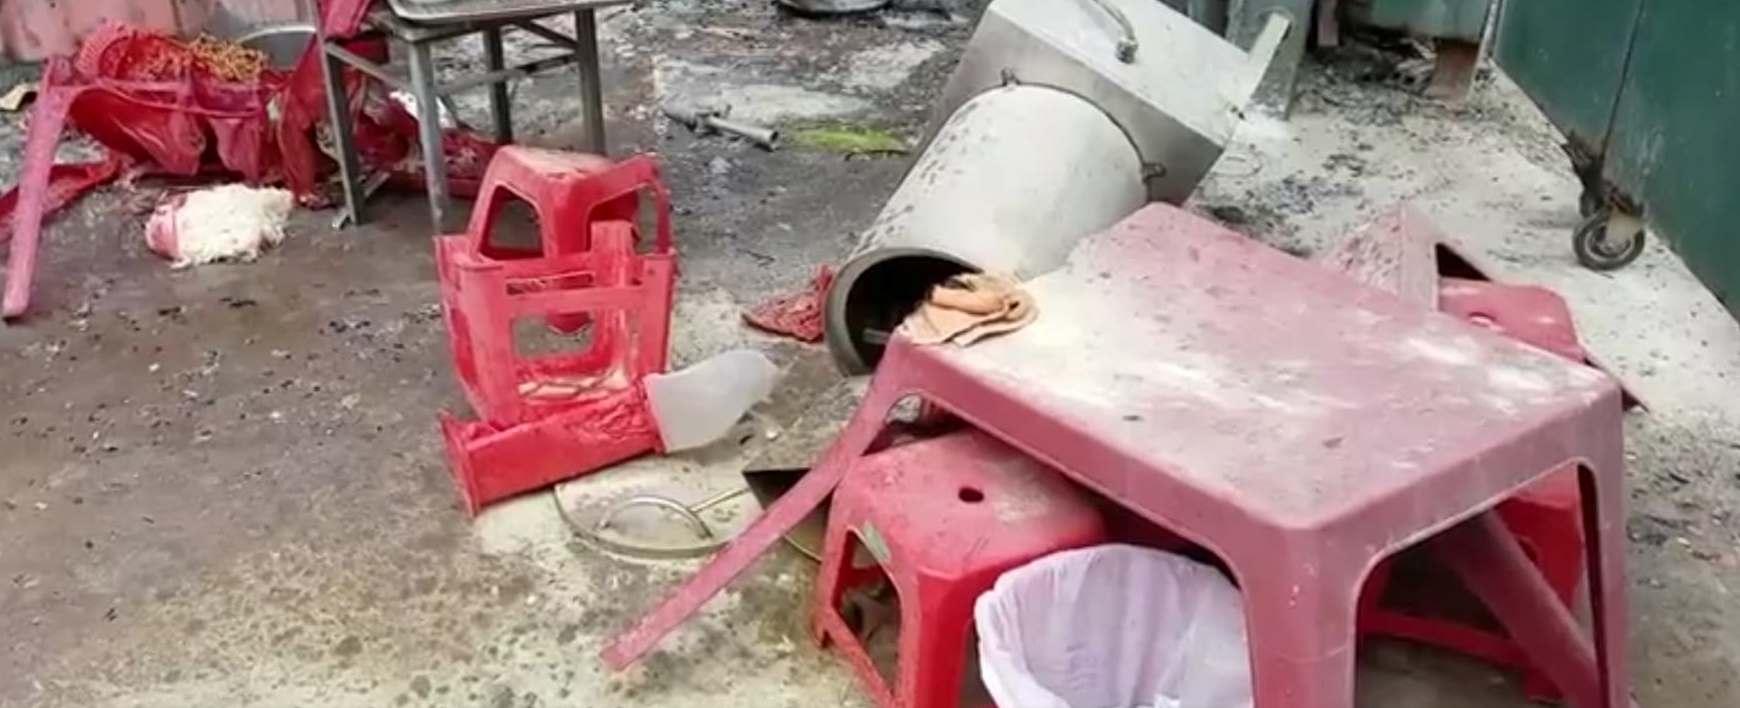 Hỏa hoạn thiêu rụi 3 ô tô cùng nhiều tài sản tại quận Tân Bình - Ảnh 1